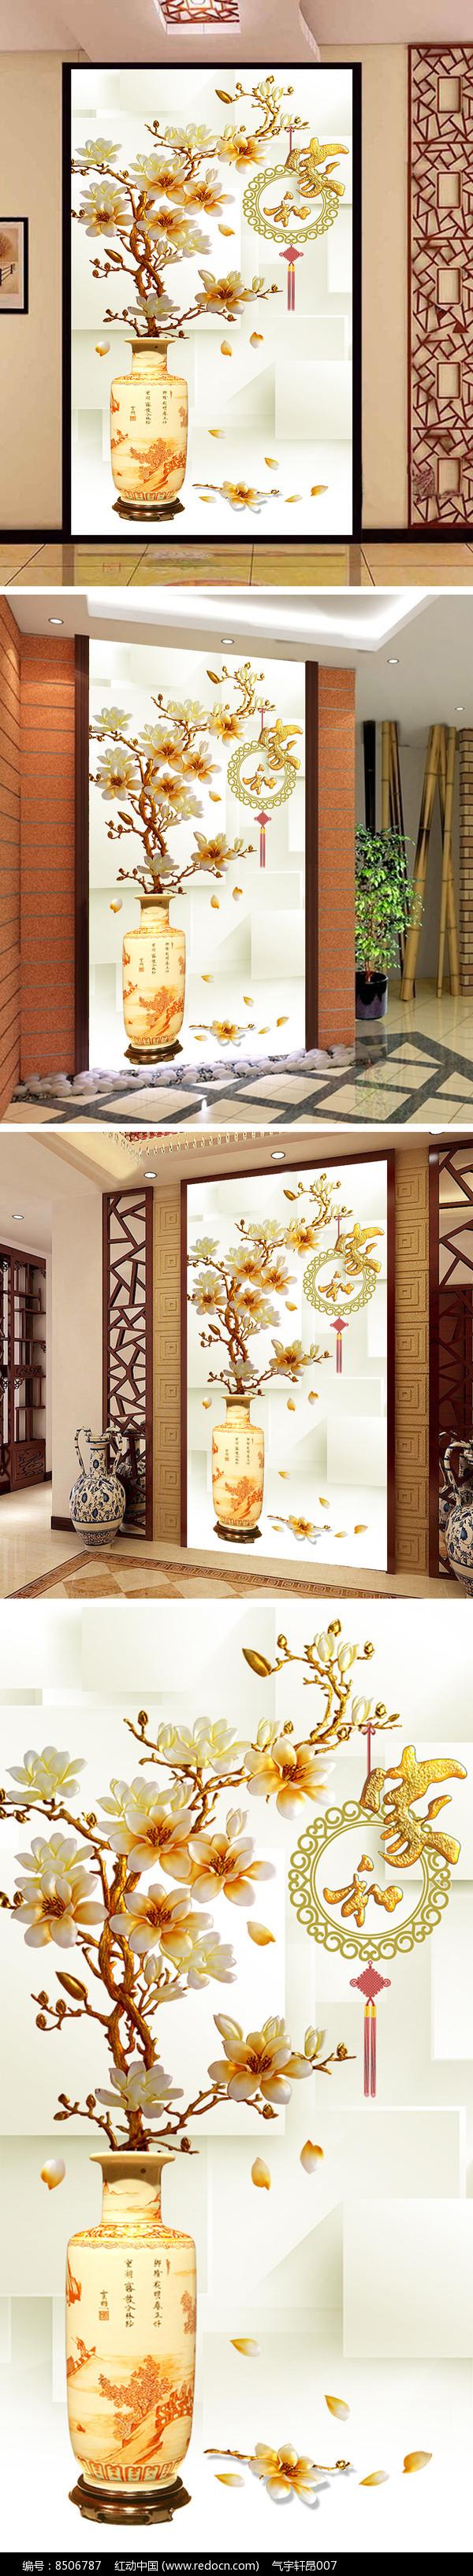 家和富贵玉兰花花瓶玄关背景墙图片